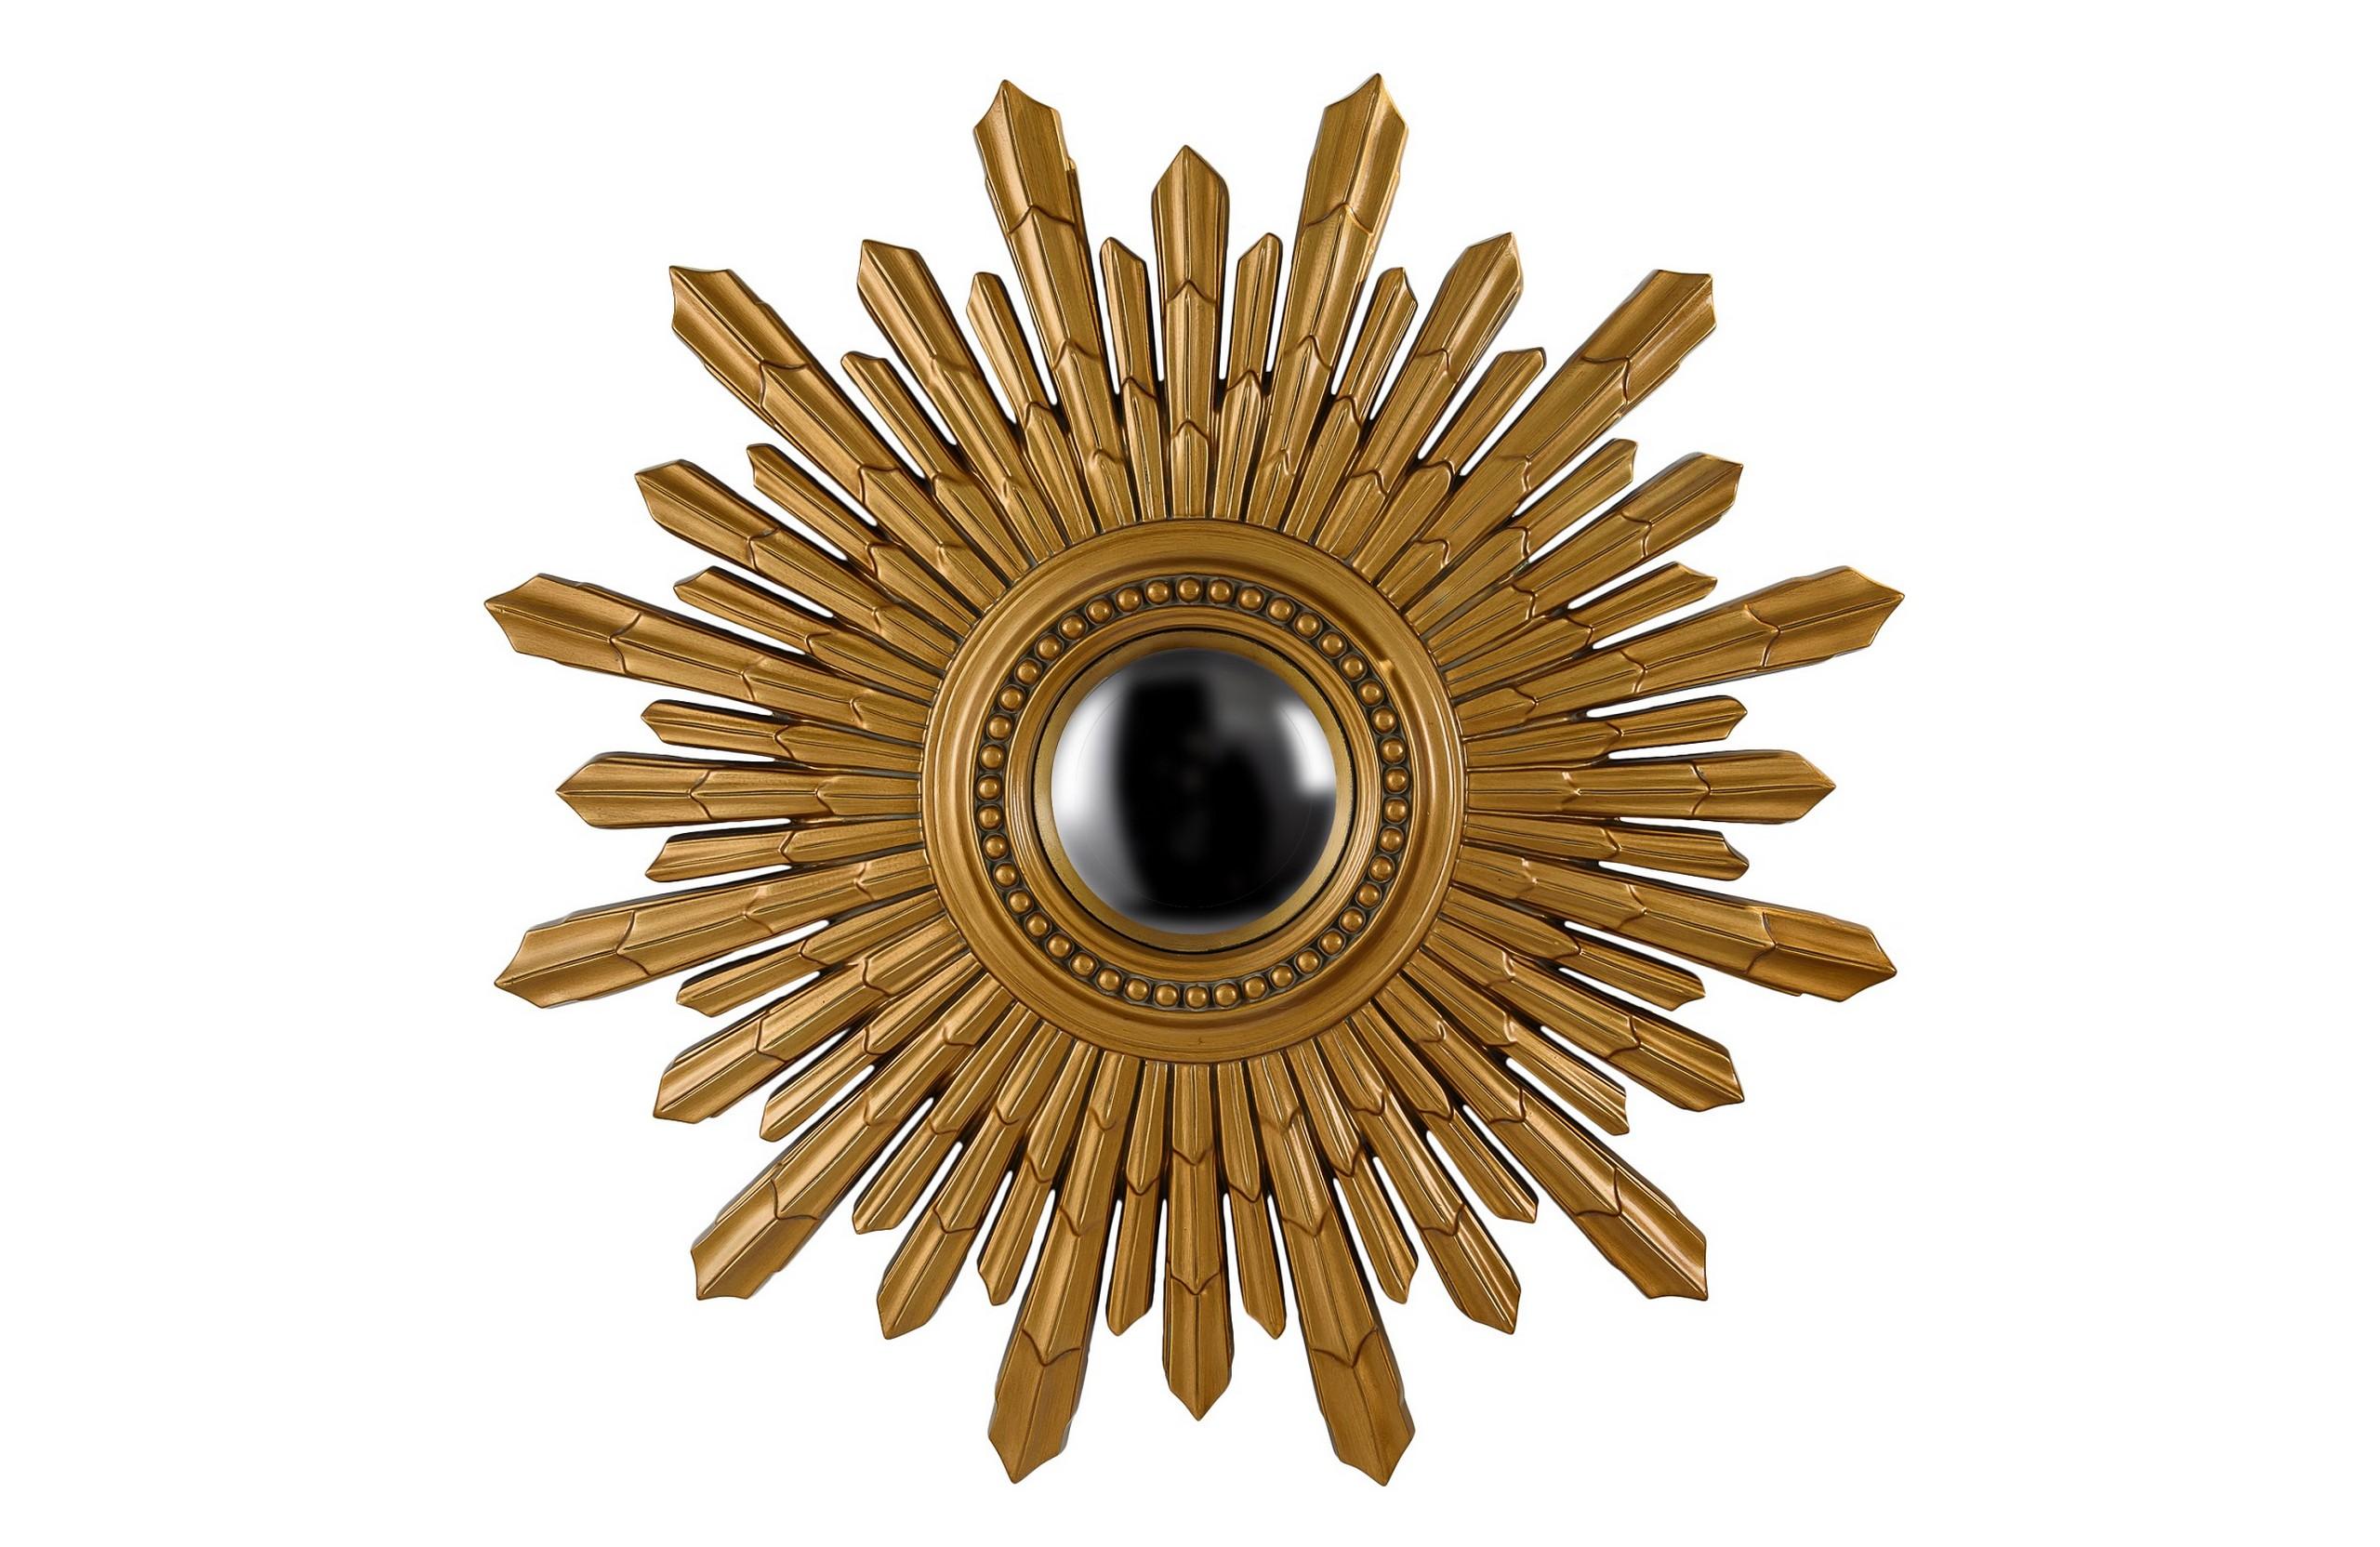 Зеркало New Solar GoldНастенные зеркала<br>Это зеркало в необычный раме в виде солнца несет не только практичную, но, прежде всего, декоративную функцию, ведь такое зеркало станет настоящим украшением интерьера! Зеркало подойдет для интерьера гостиной, прихожей или спальни, оформленной в стиле ар-деко или эклектика.<br><br>Цвет: Античное золото<br>Материал: Полиуретан<br><br>Material: Полиуретан<br>Length см: None<br>Width см: None<br>Depth см: None<br>Height см: None<br>Diameter см: 103.0